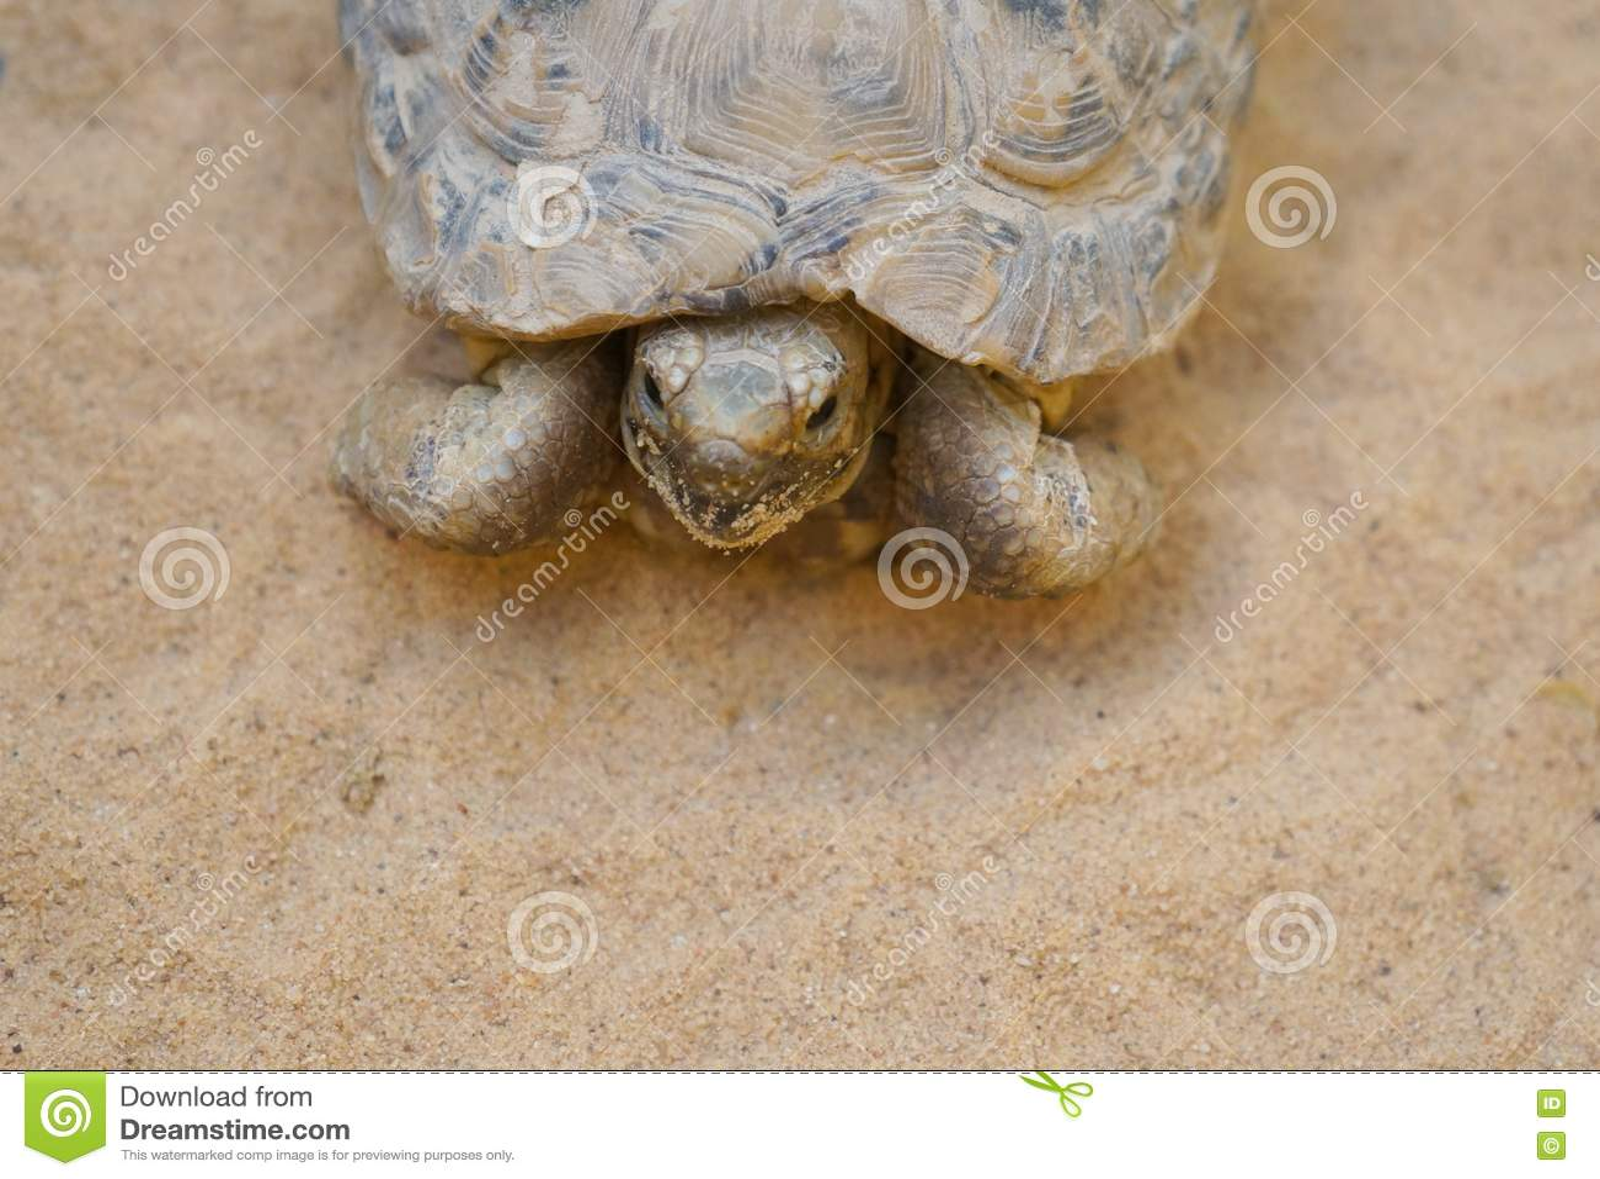 Negev desert tortoise